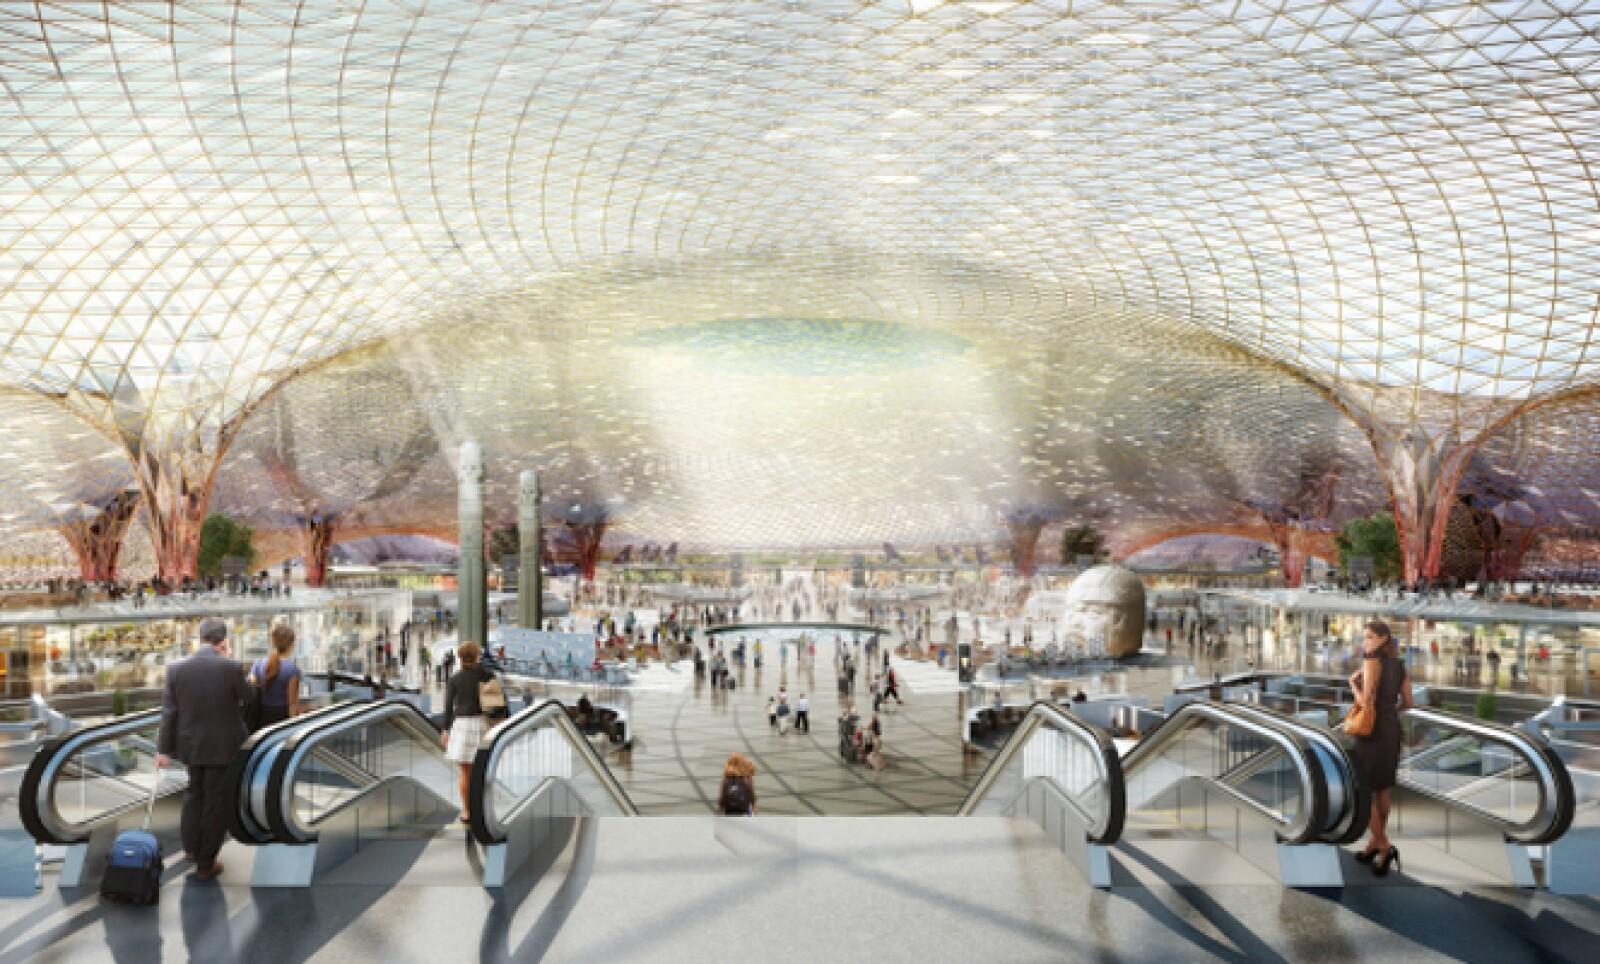 La nueva terminal aérea, que requiere una inversión de 120,000 millones de pesos, tiene como objetivo aumentar las operaciones y atender la creciente demanda de pasajeros.